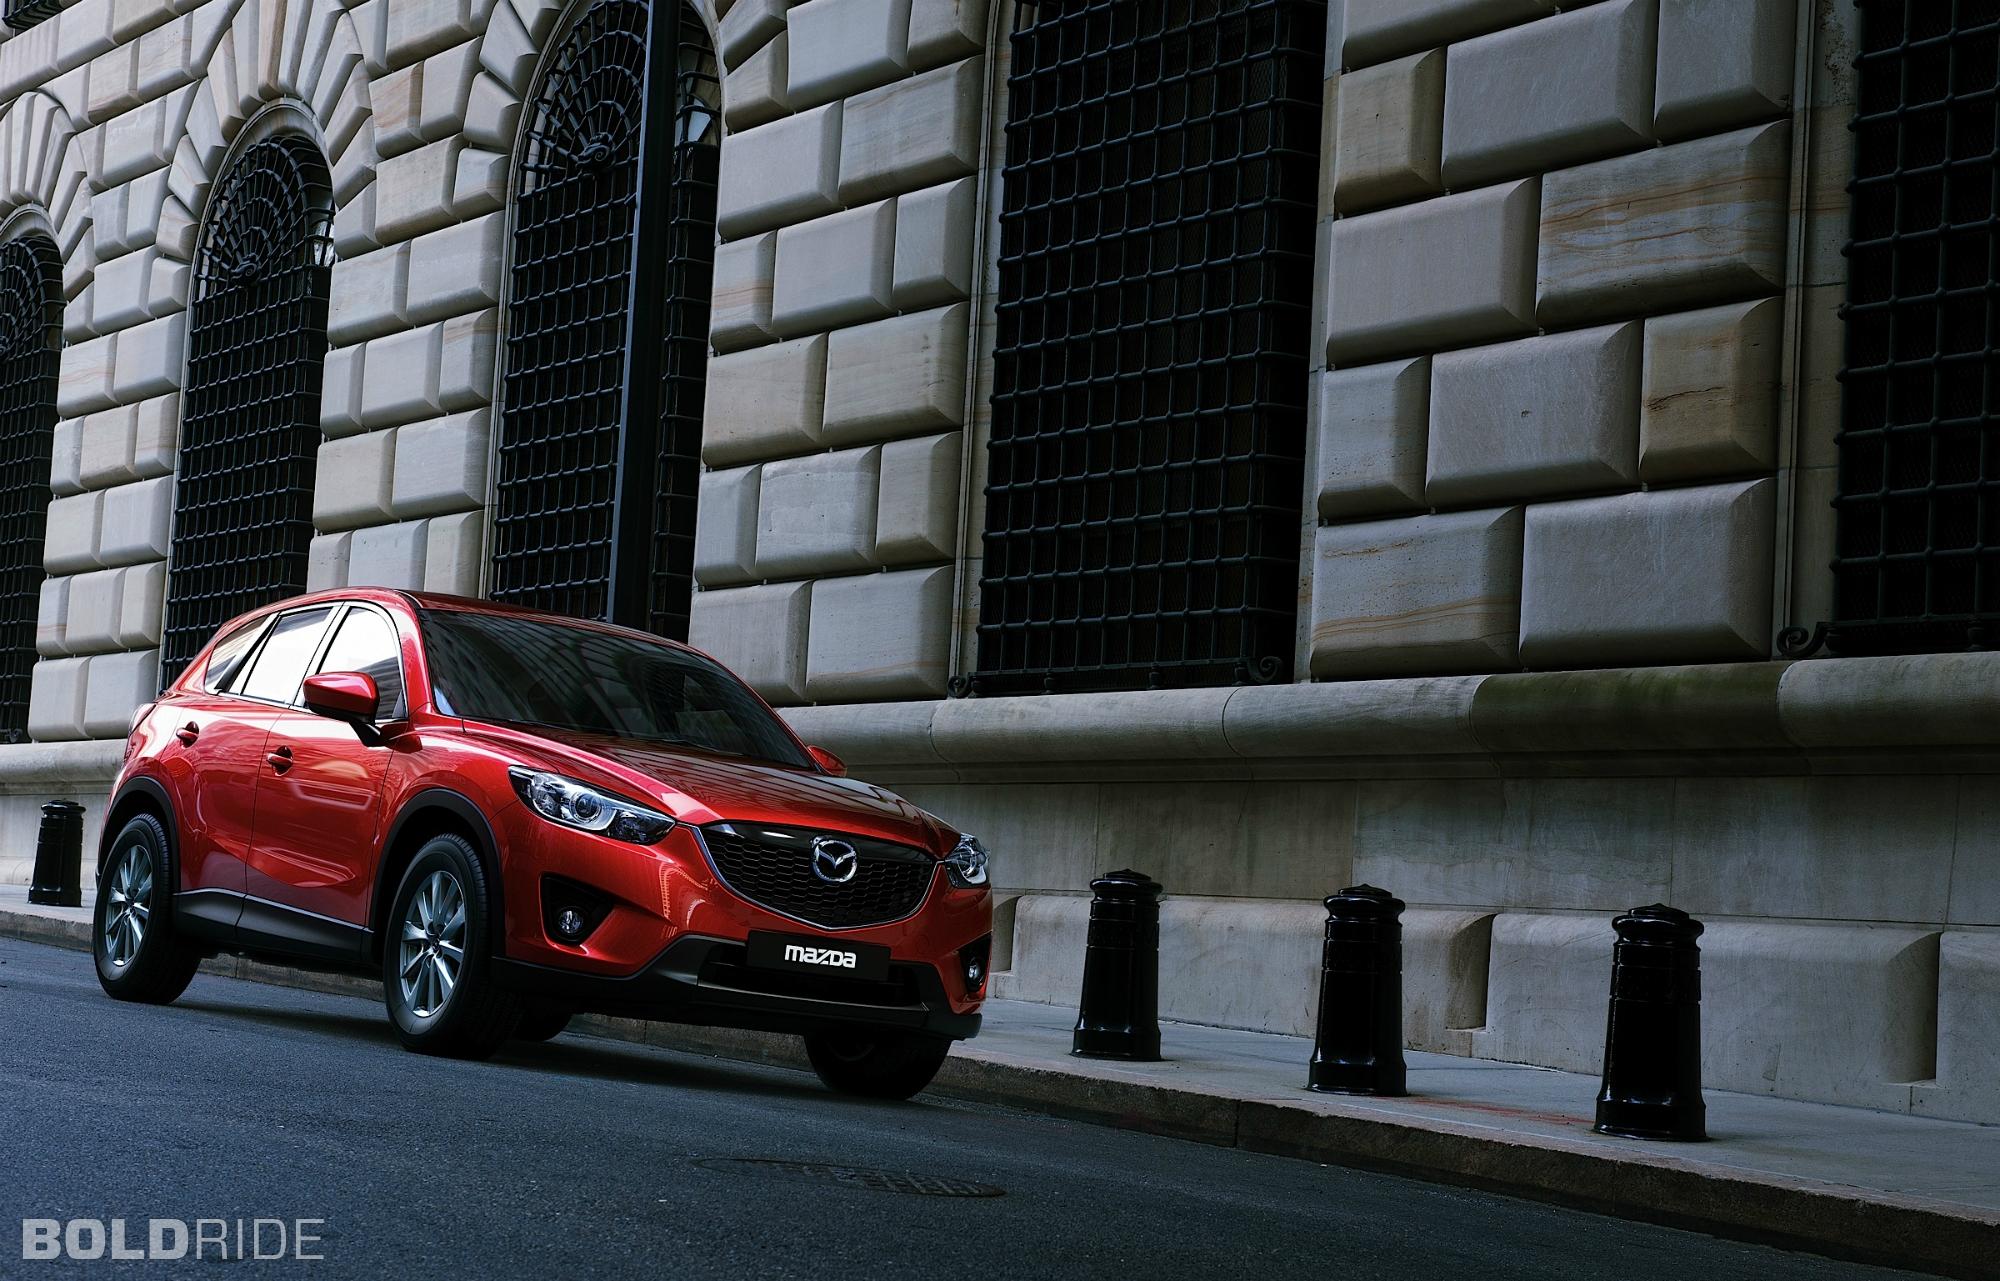 2013 Mazda CX 5 1920 x 1080 HD Wallpaper